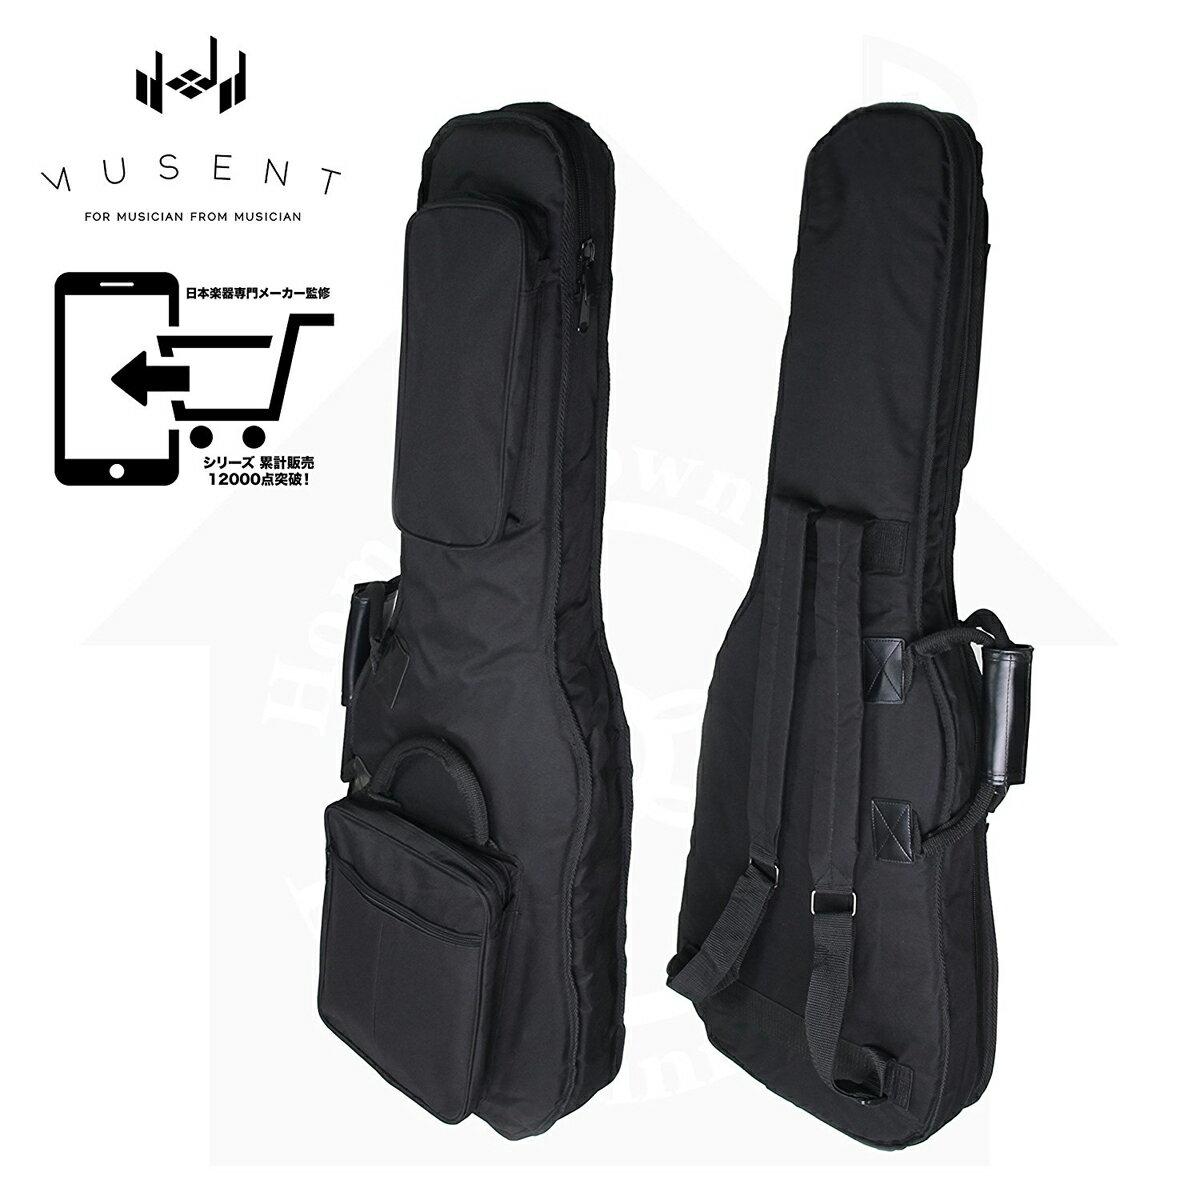 クッション ネックホルダー 付き エレキギター 用 ギグバッグ ギグケース バッグ MSGBSEG1200